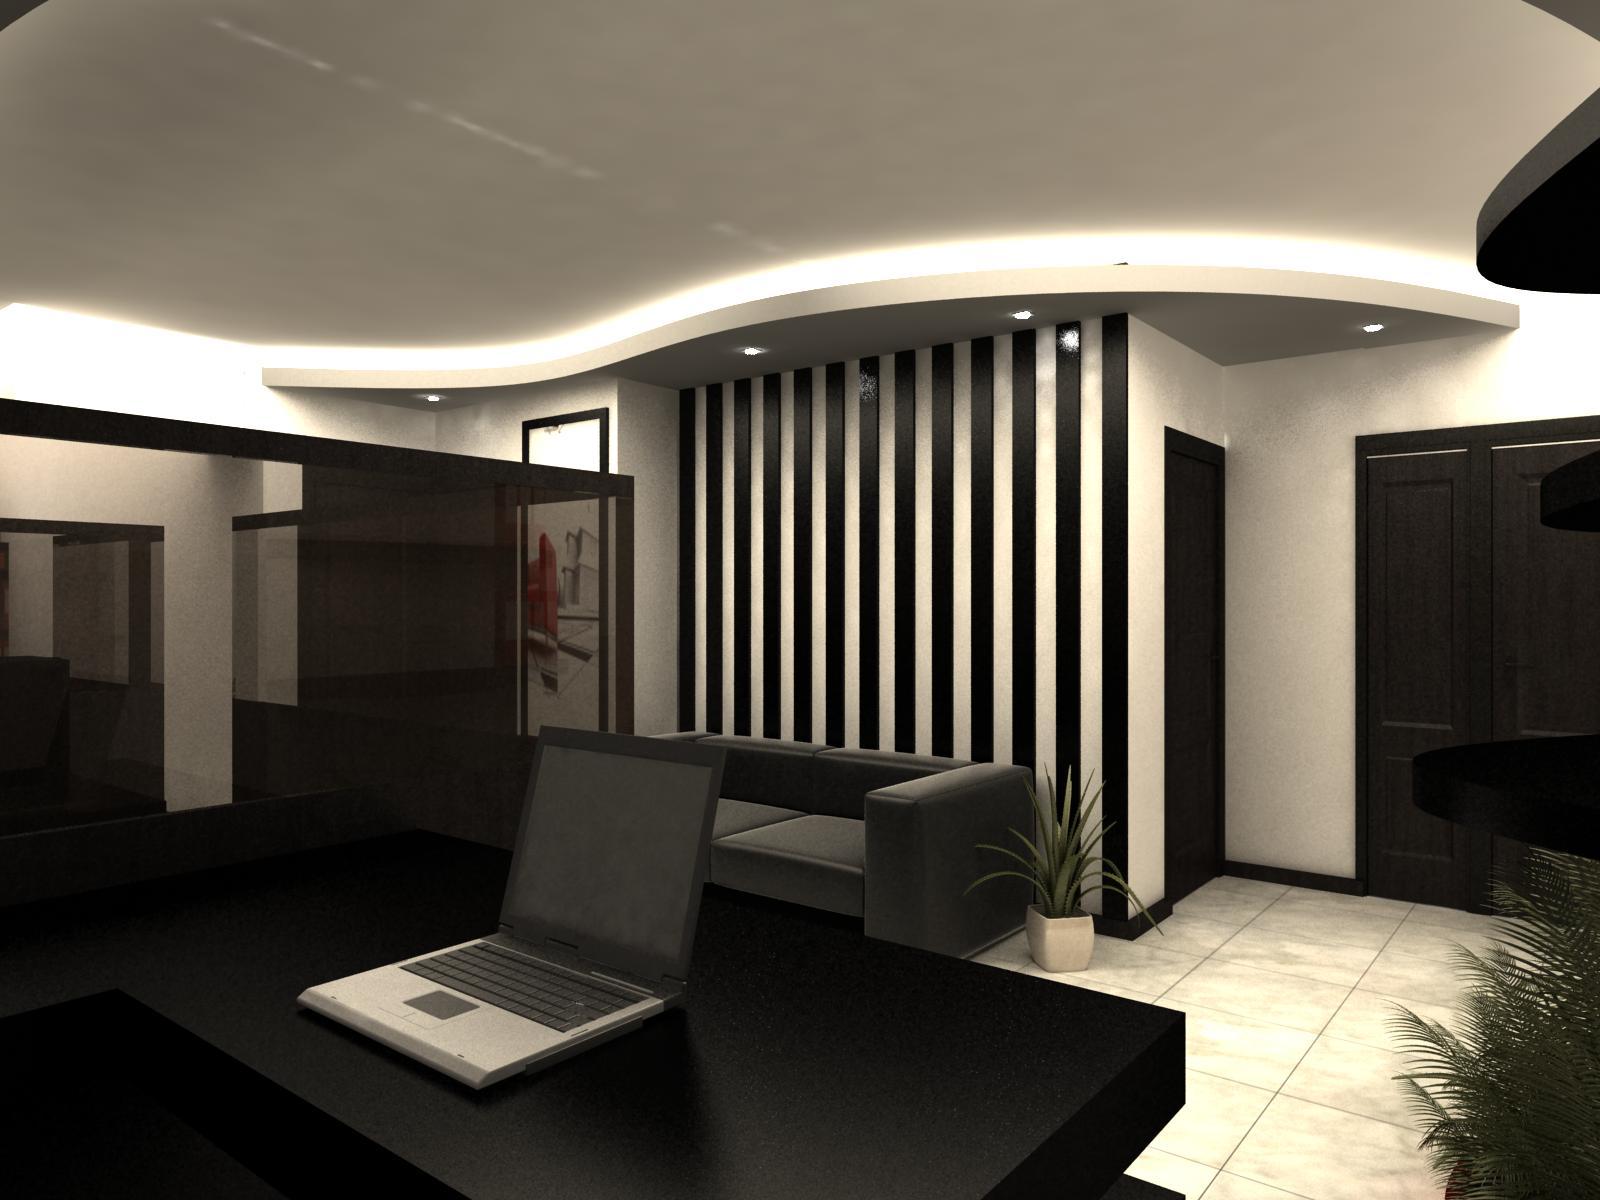 پروژه طرح سه بعدی فضای اداری